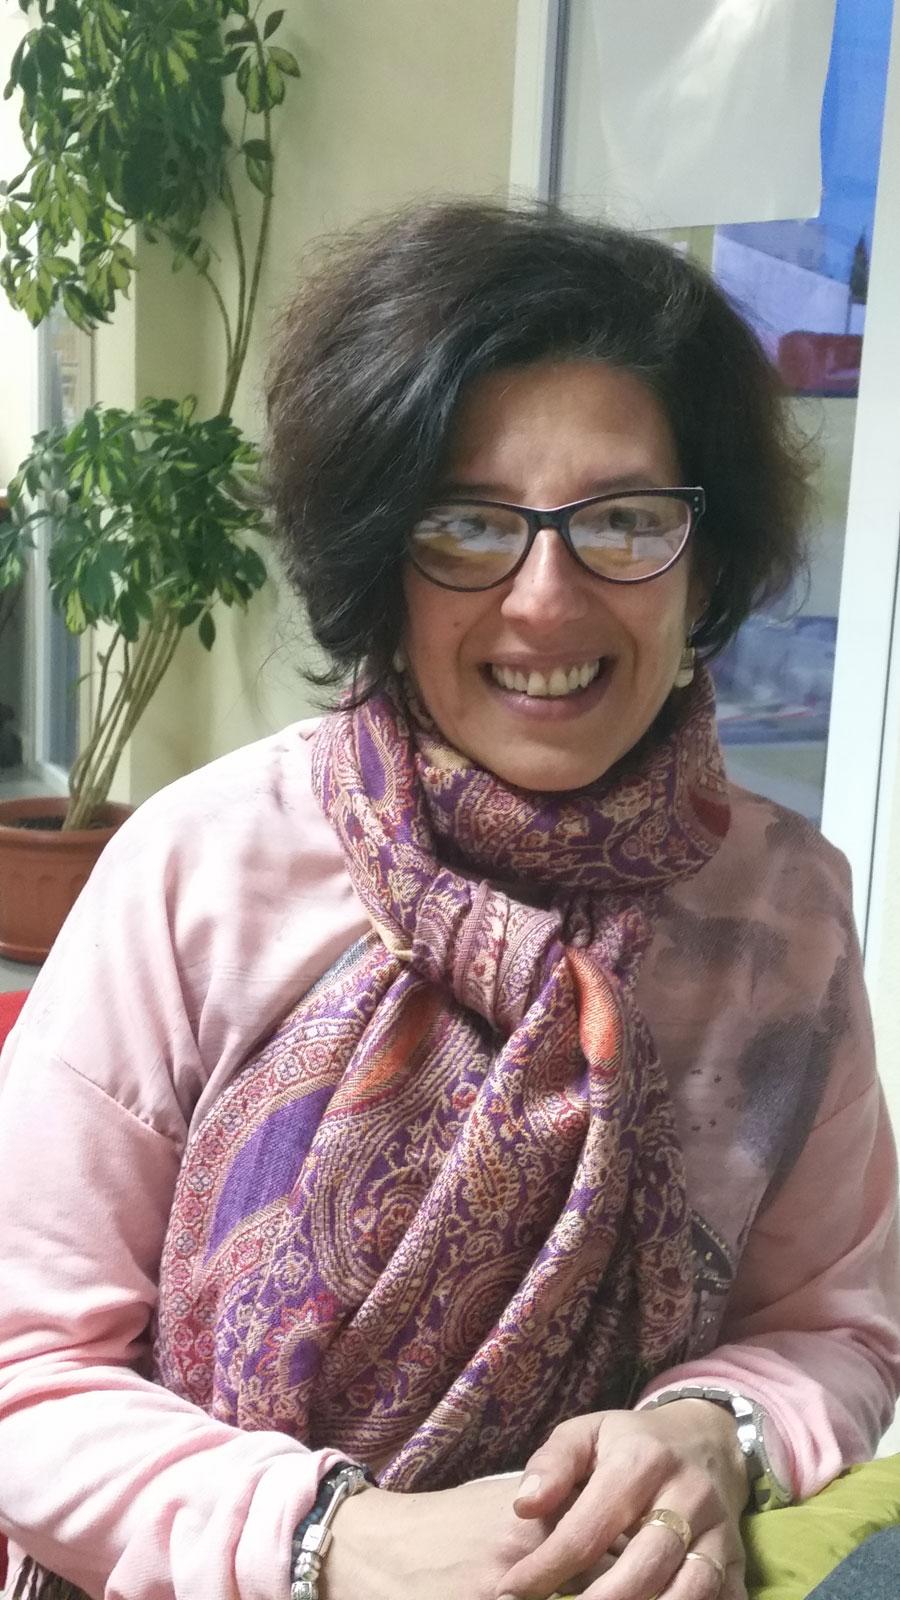 Marisa Navarro informará de la actualidad de Llerena